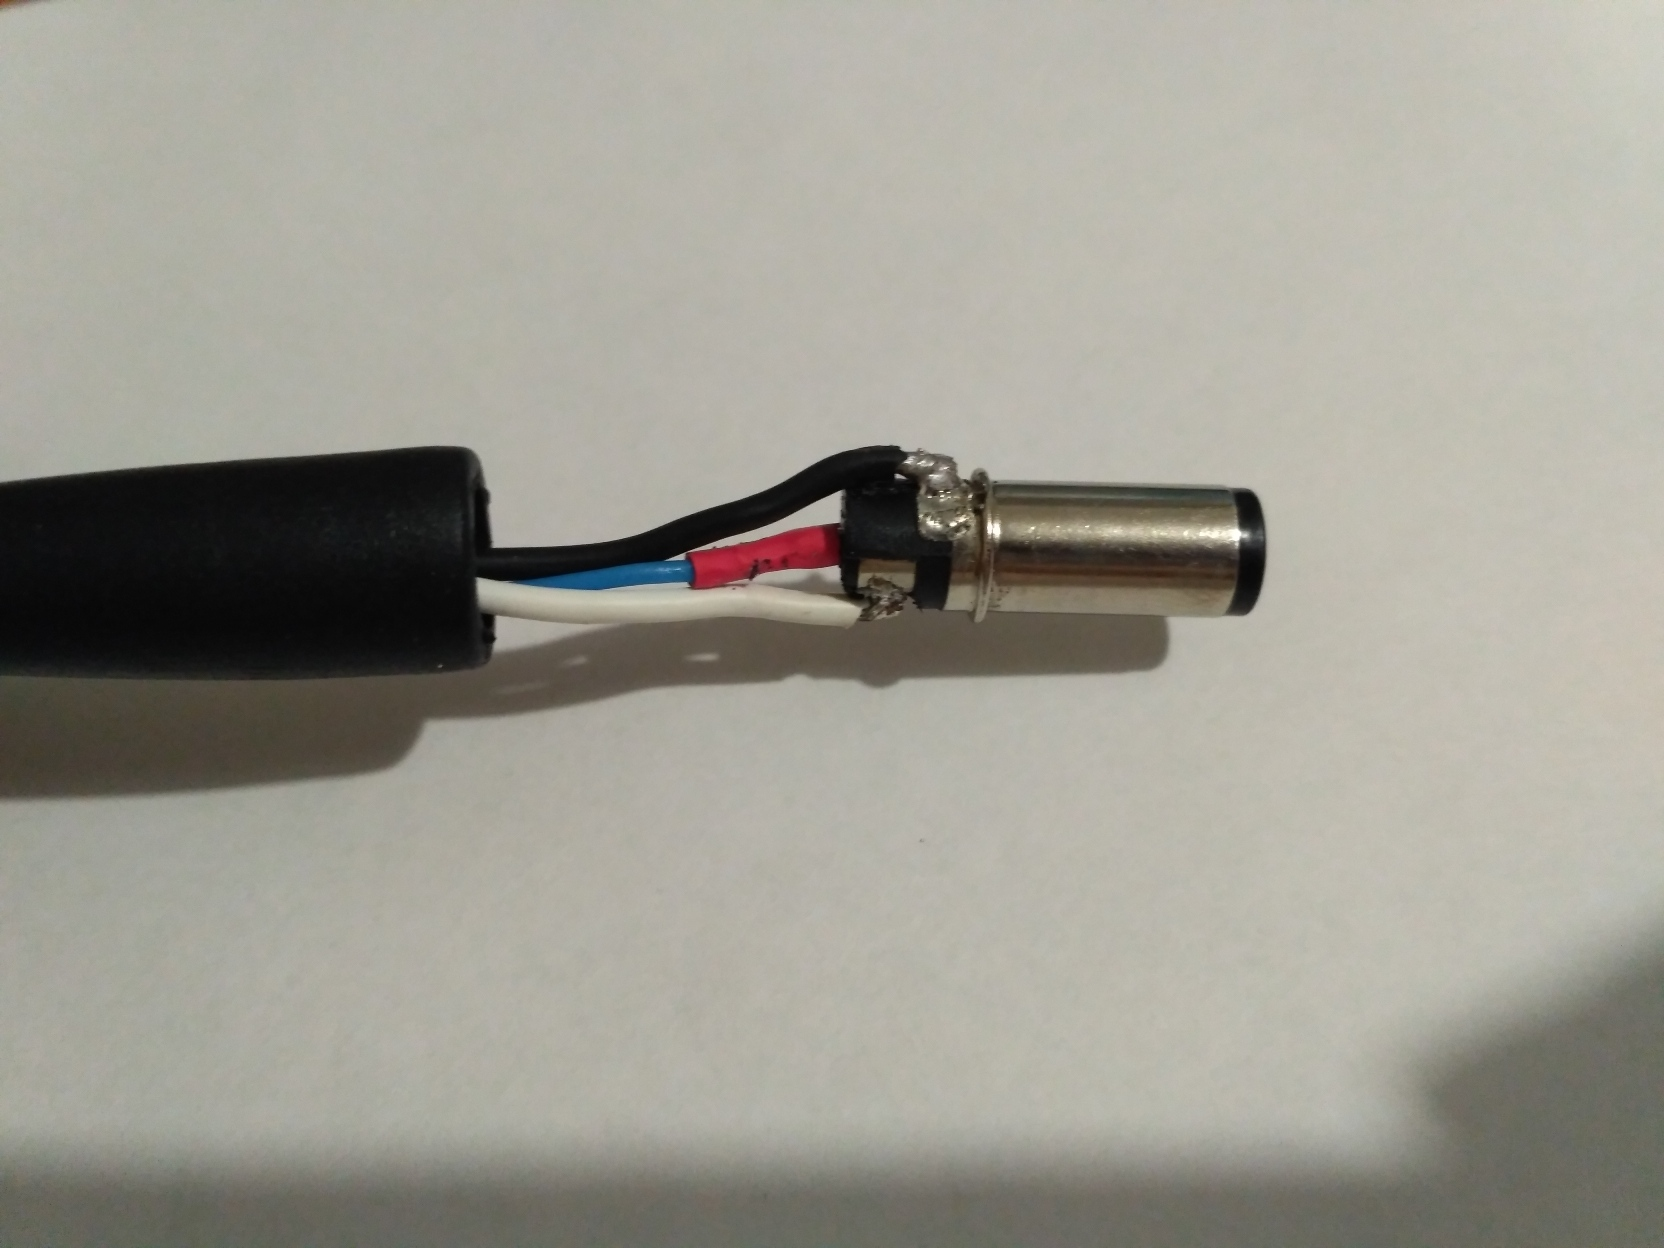 фото Замена штекера или ремонт поврежденных проводов